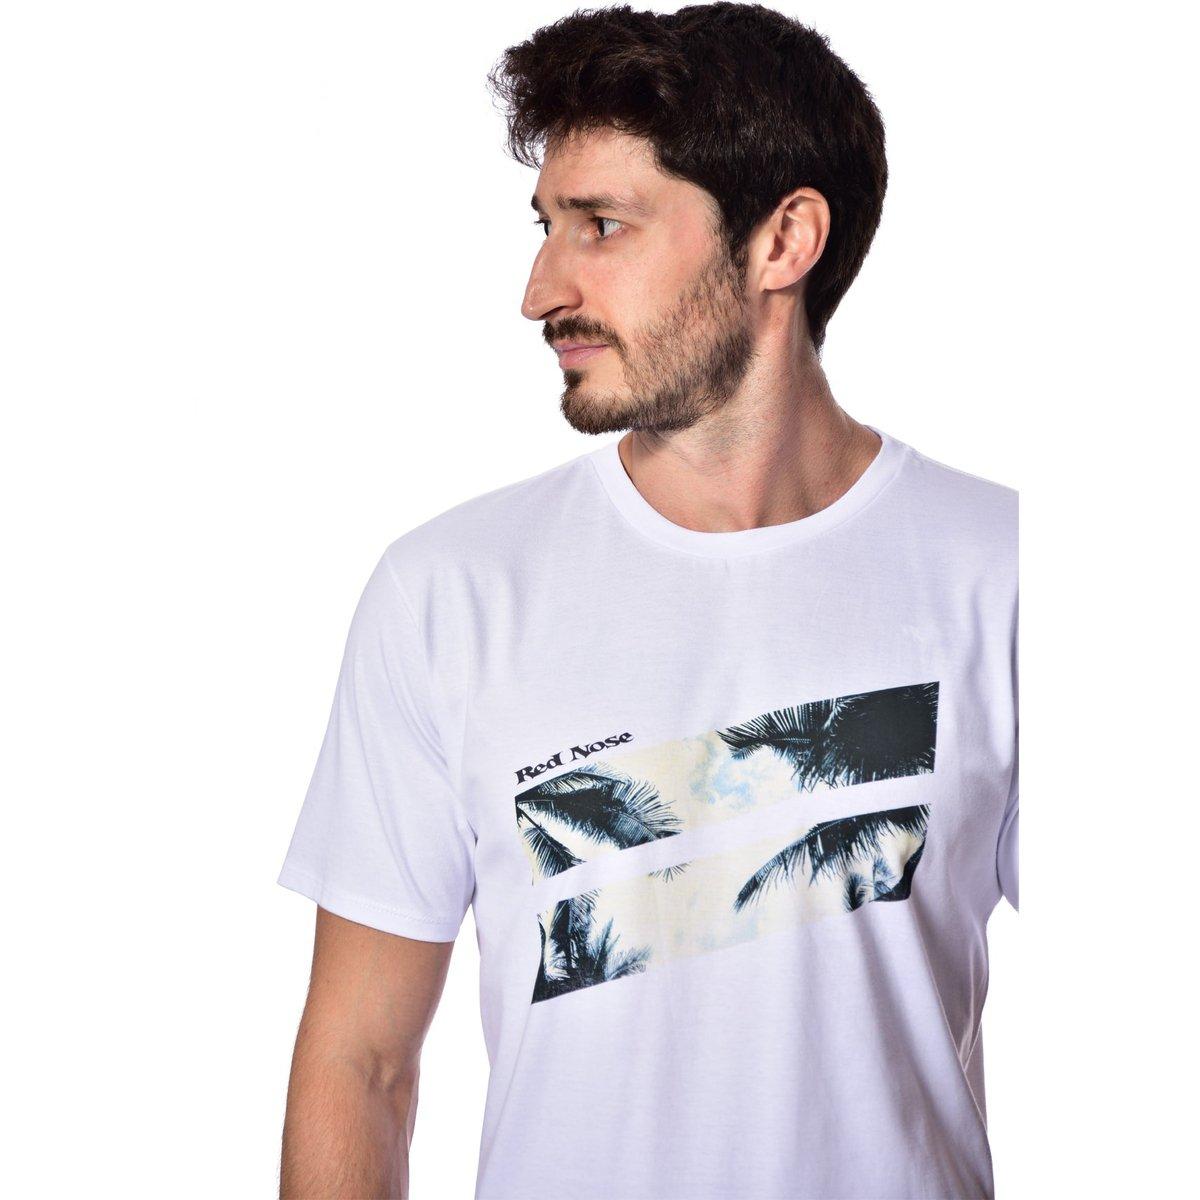 f39082f656a Camiseta Red Nose Coqueiro Faixa - Compre Agora